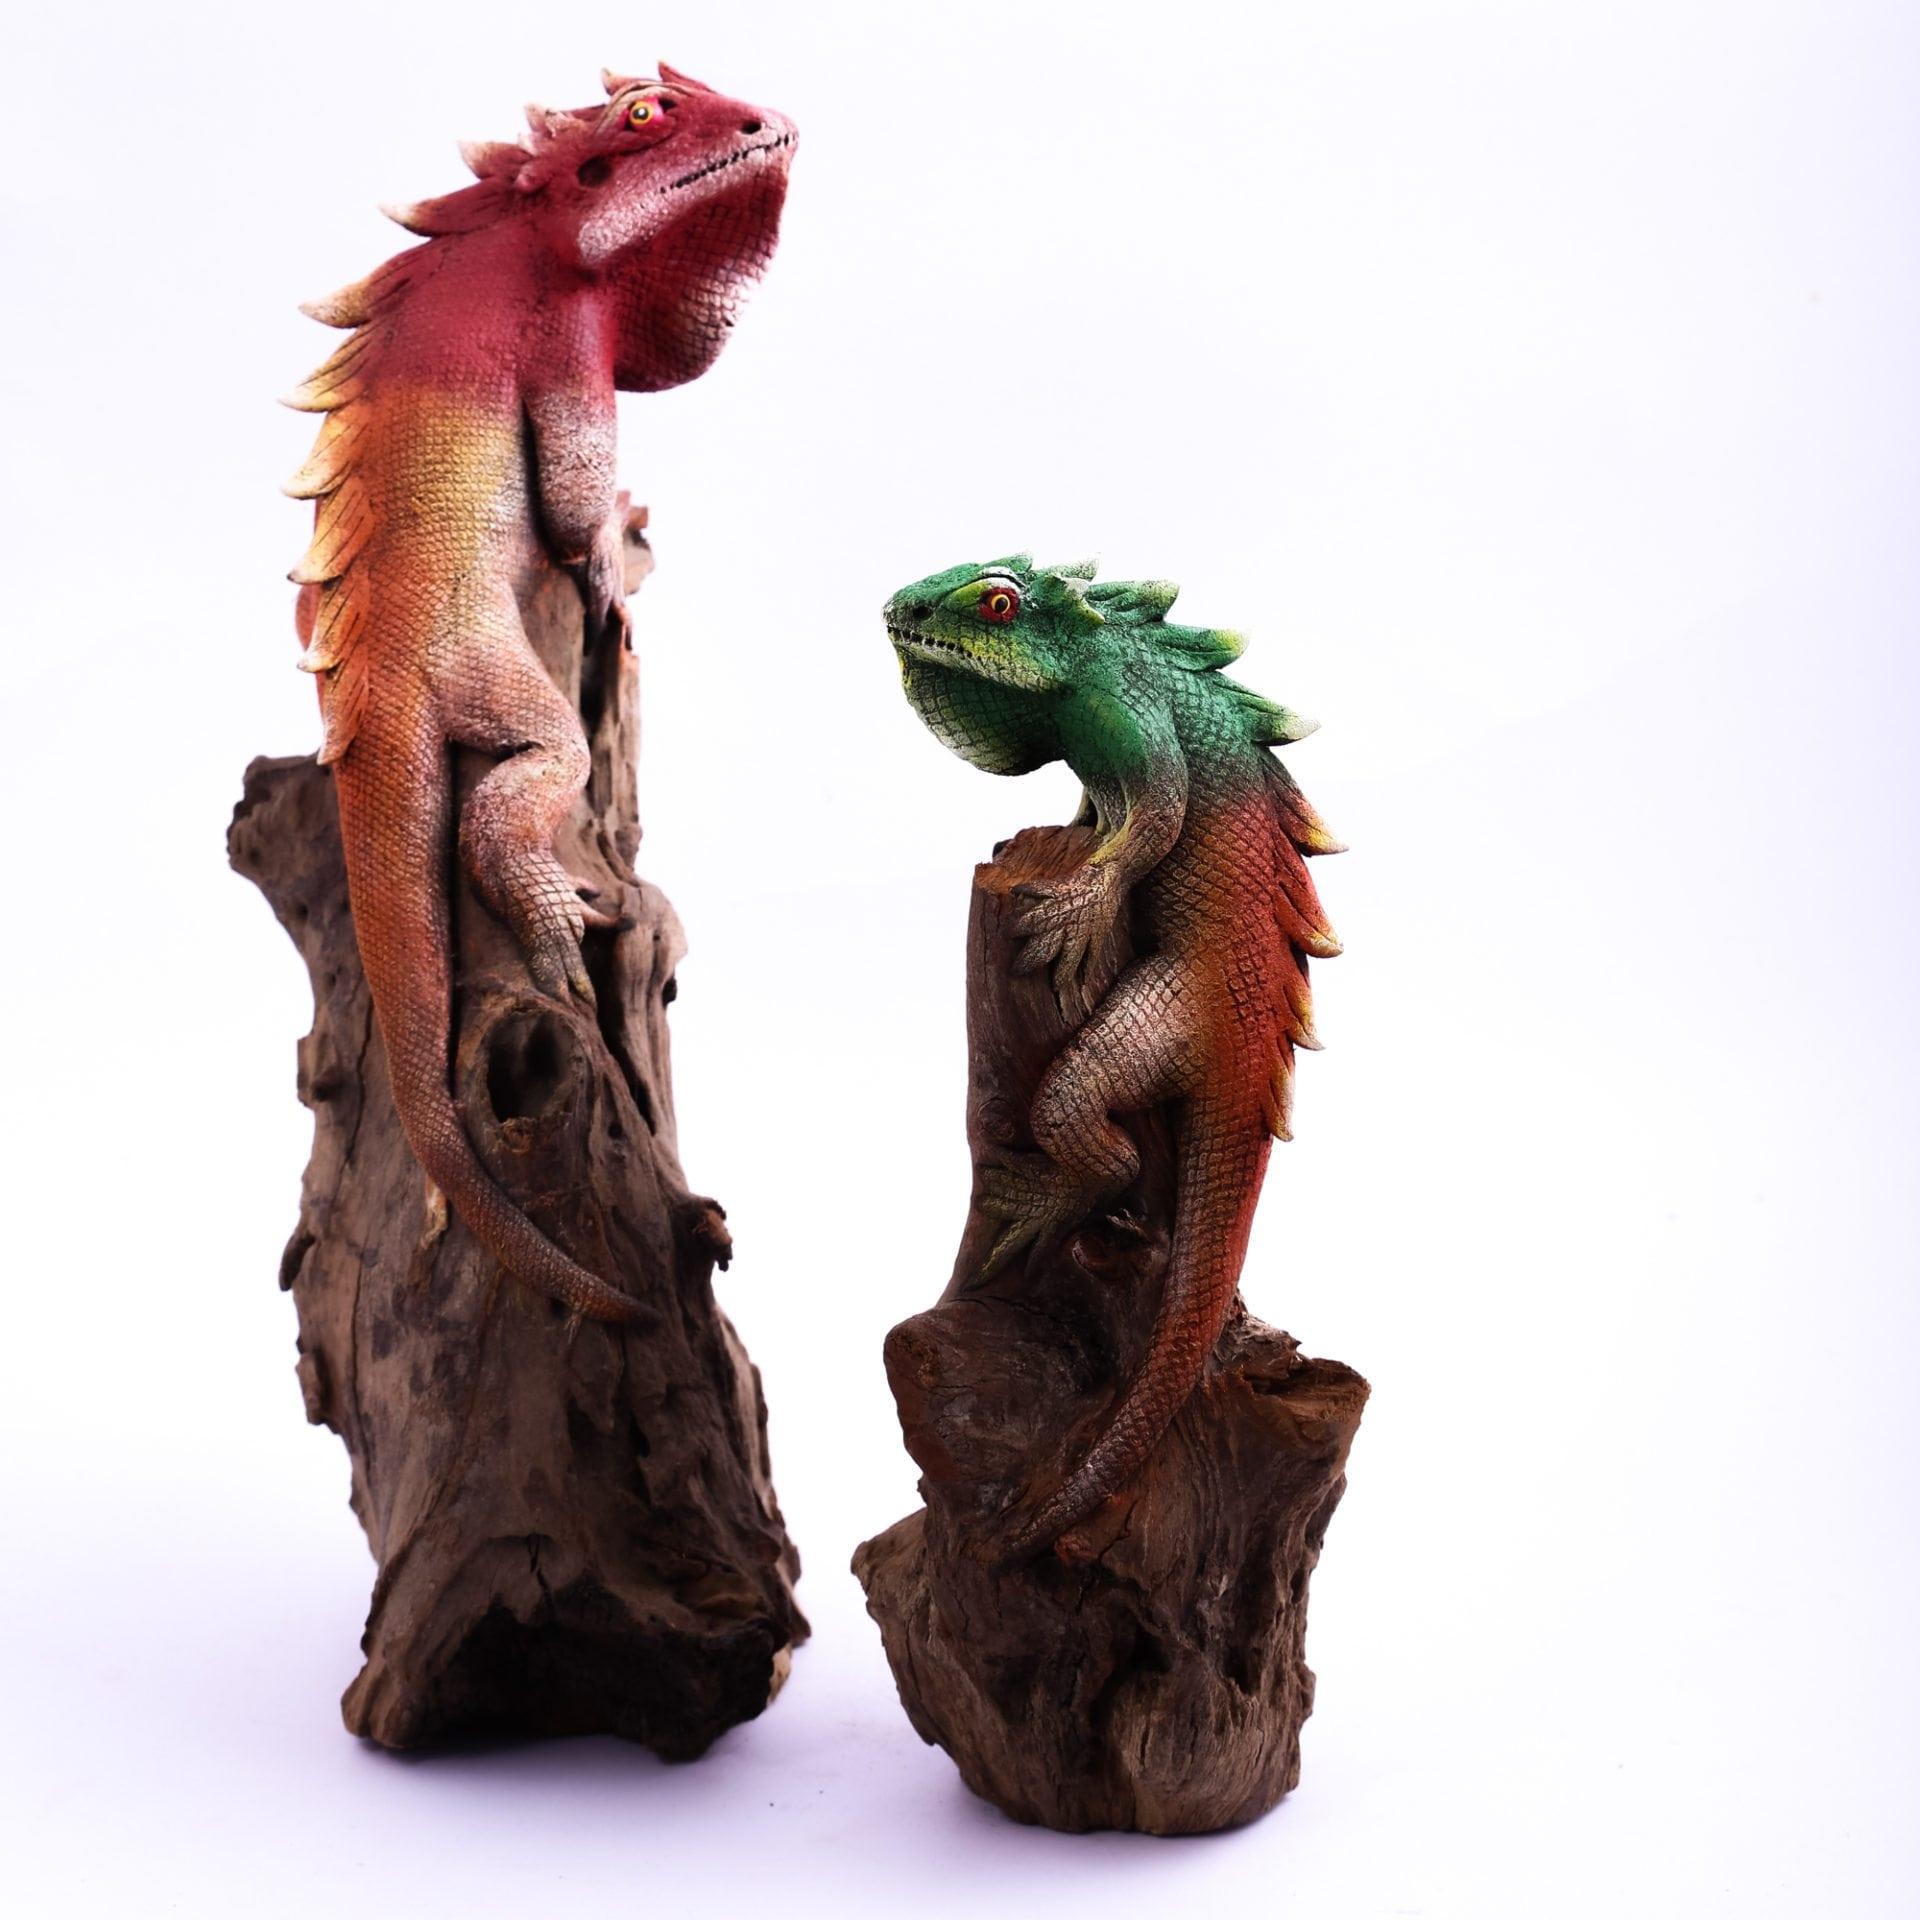 Sawdust Iguana On Wood Figurines